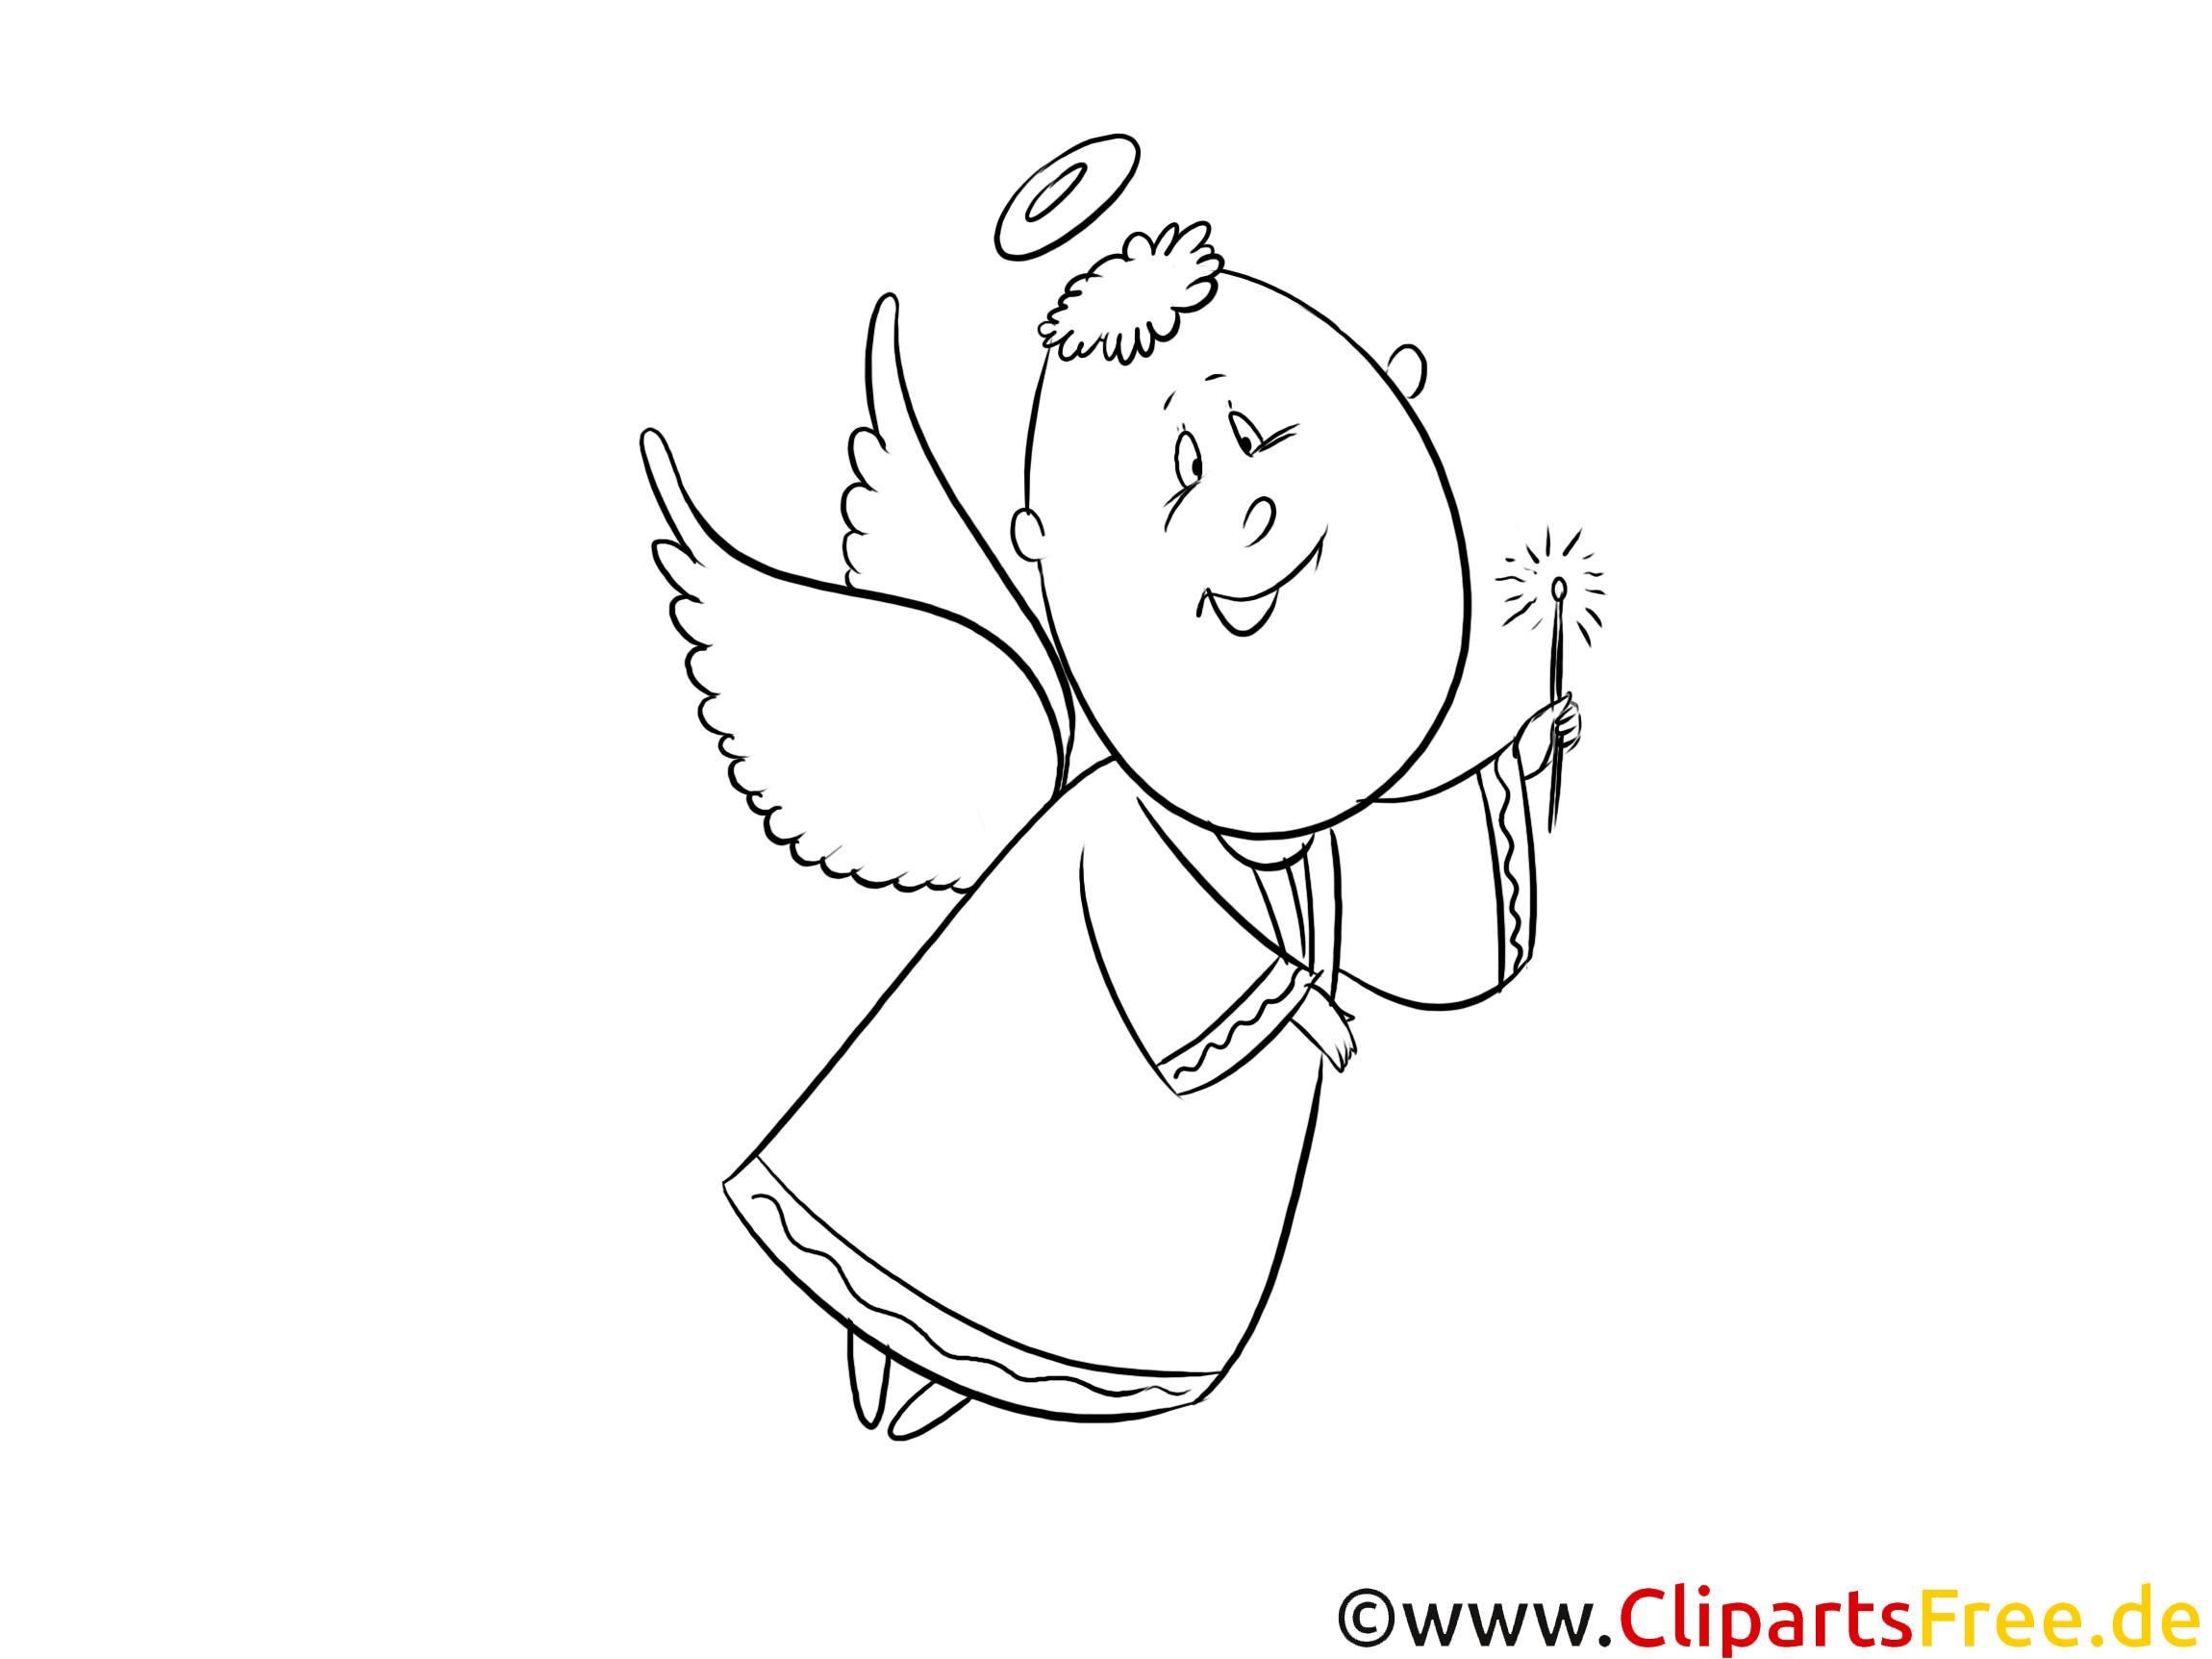 Ausmalbild Zoes Zauberschrank Inspirierend Schön Malvorlagen Engel Einfach Art Von Malvorlagen Bilder